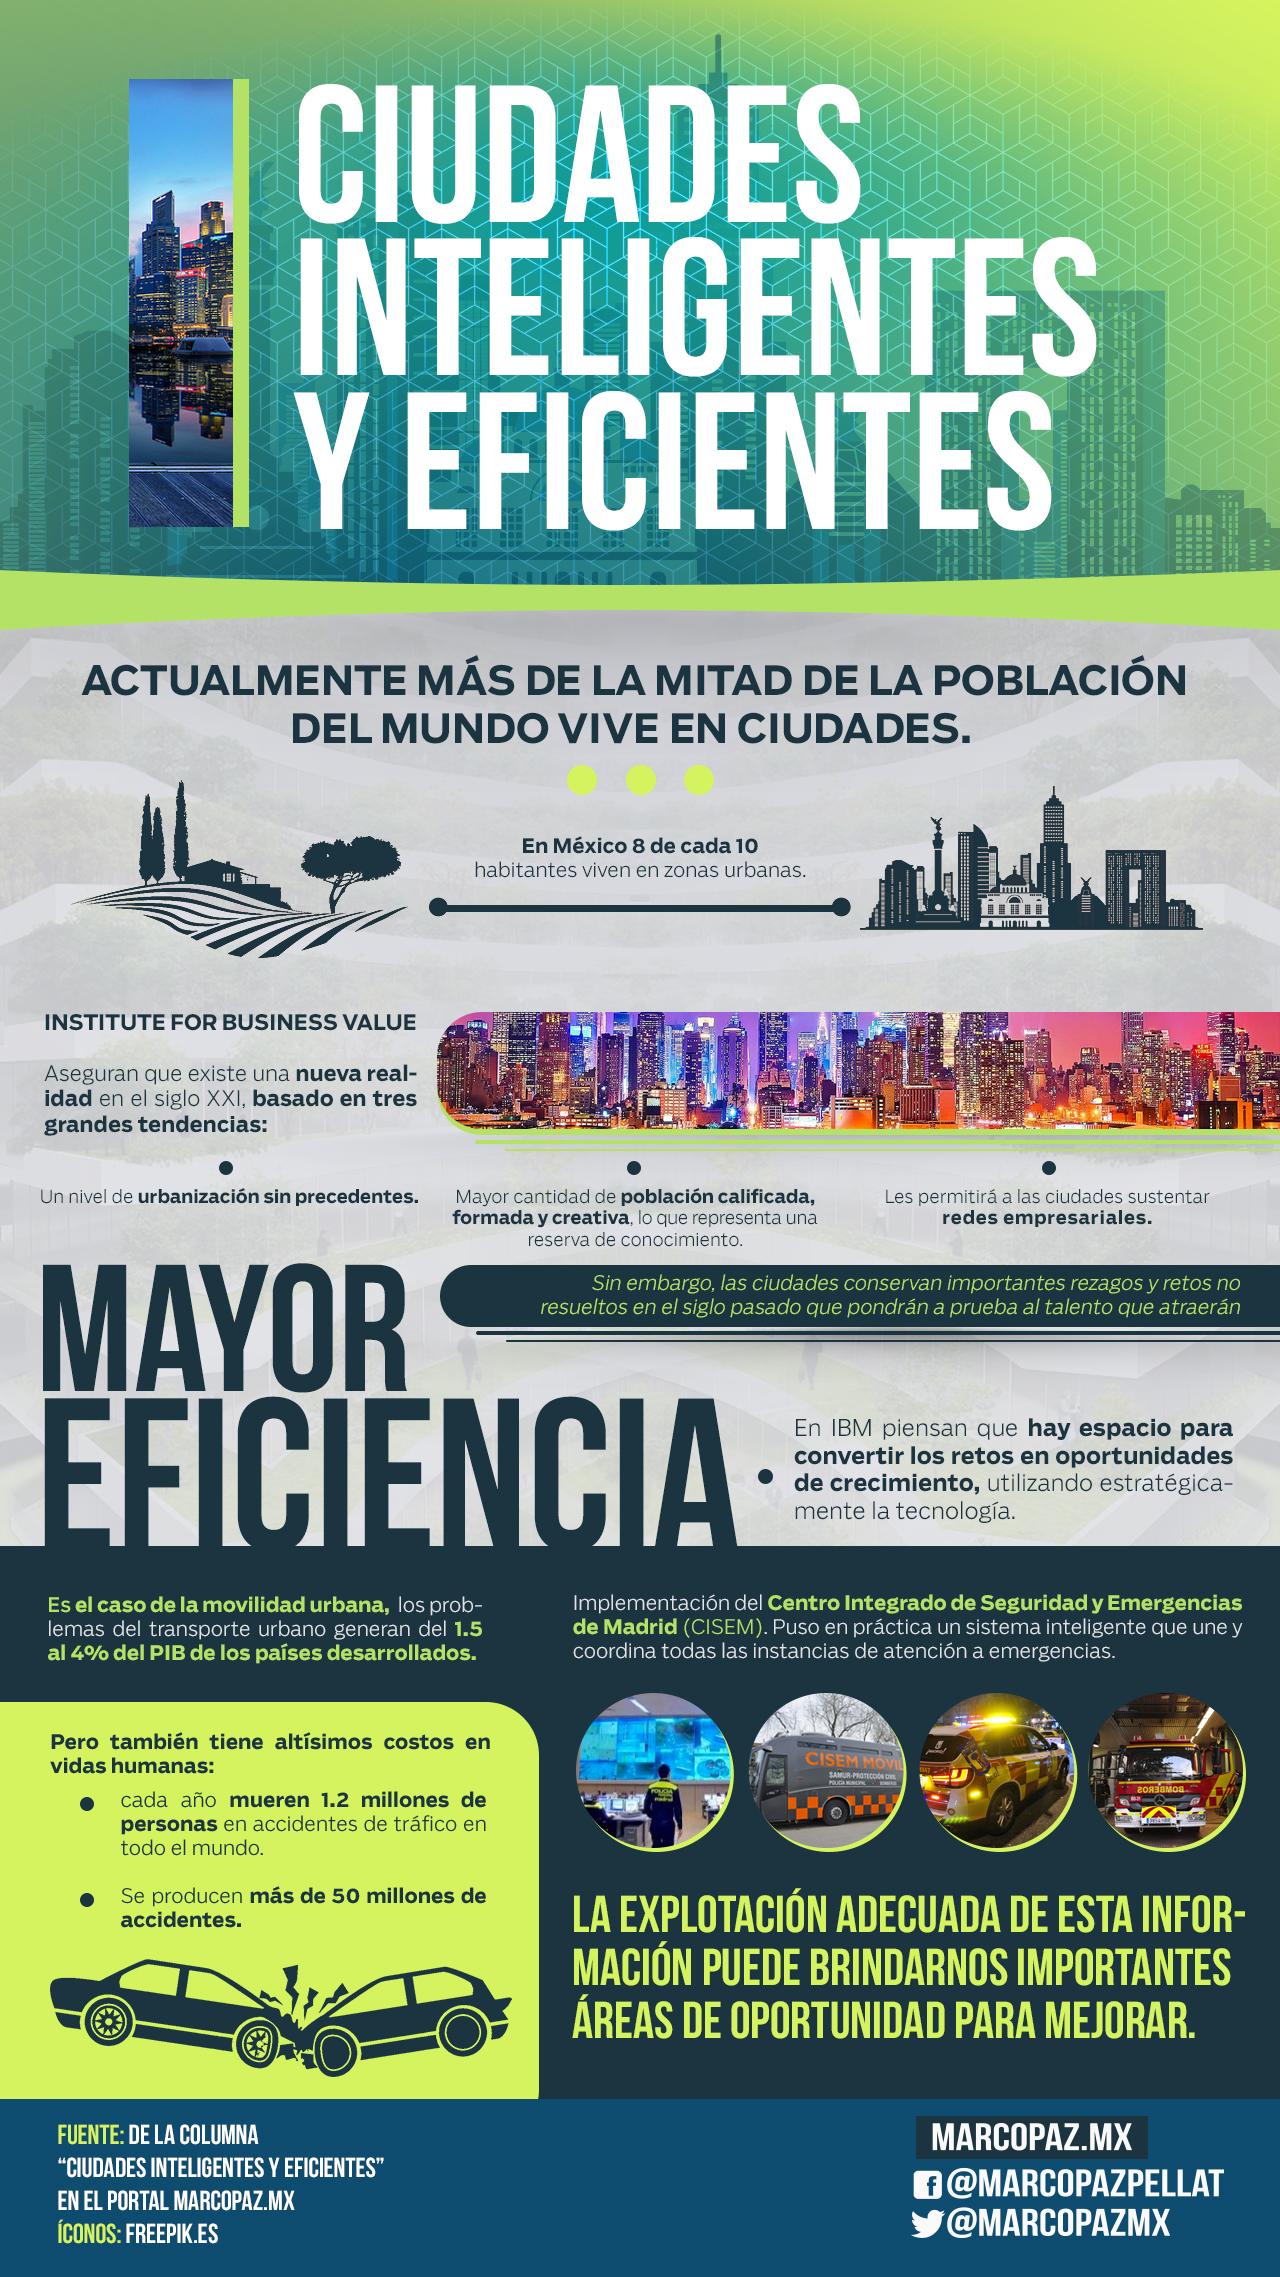 020_INFOGRAFIA_ciudades inteligentes y efectivas copy